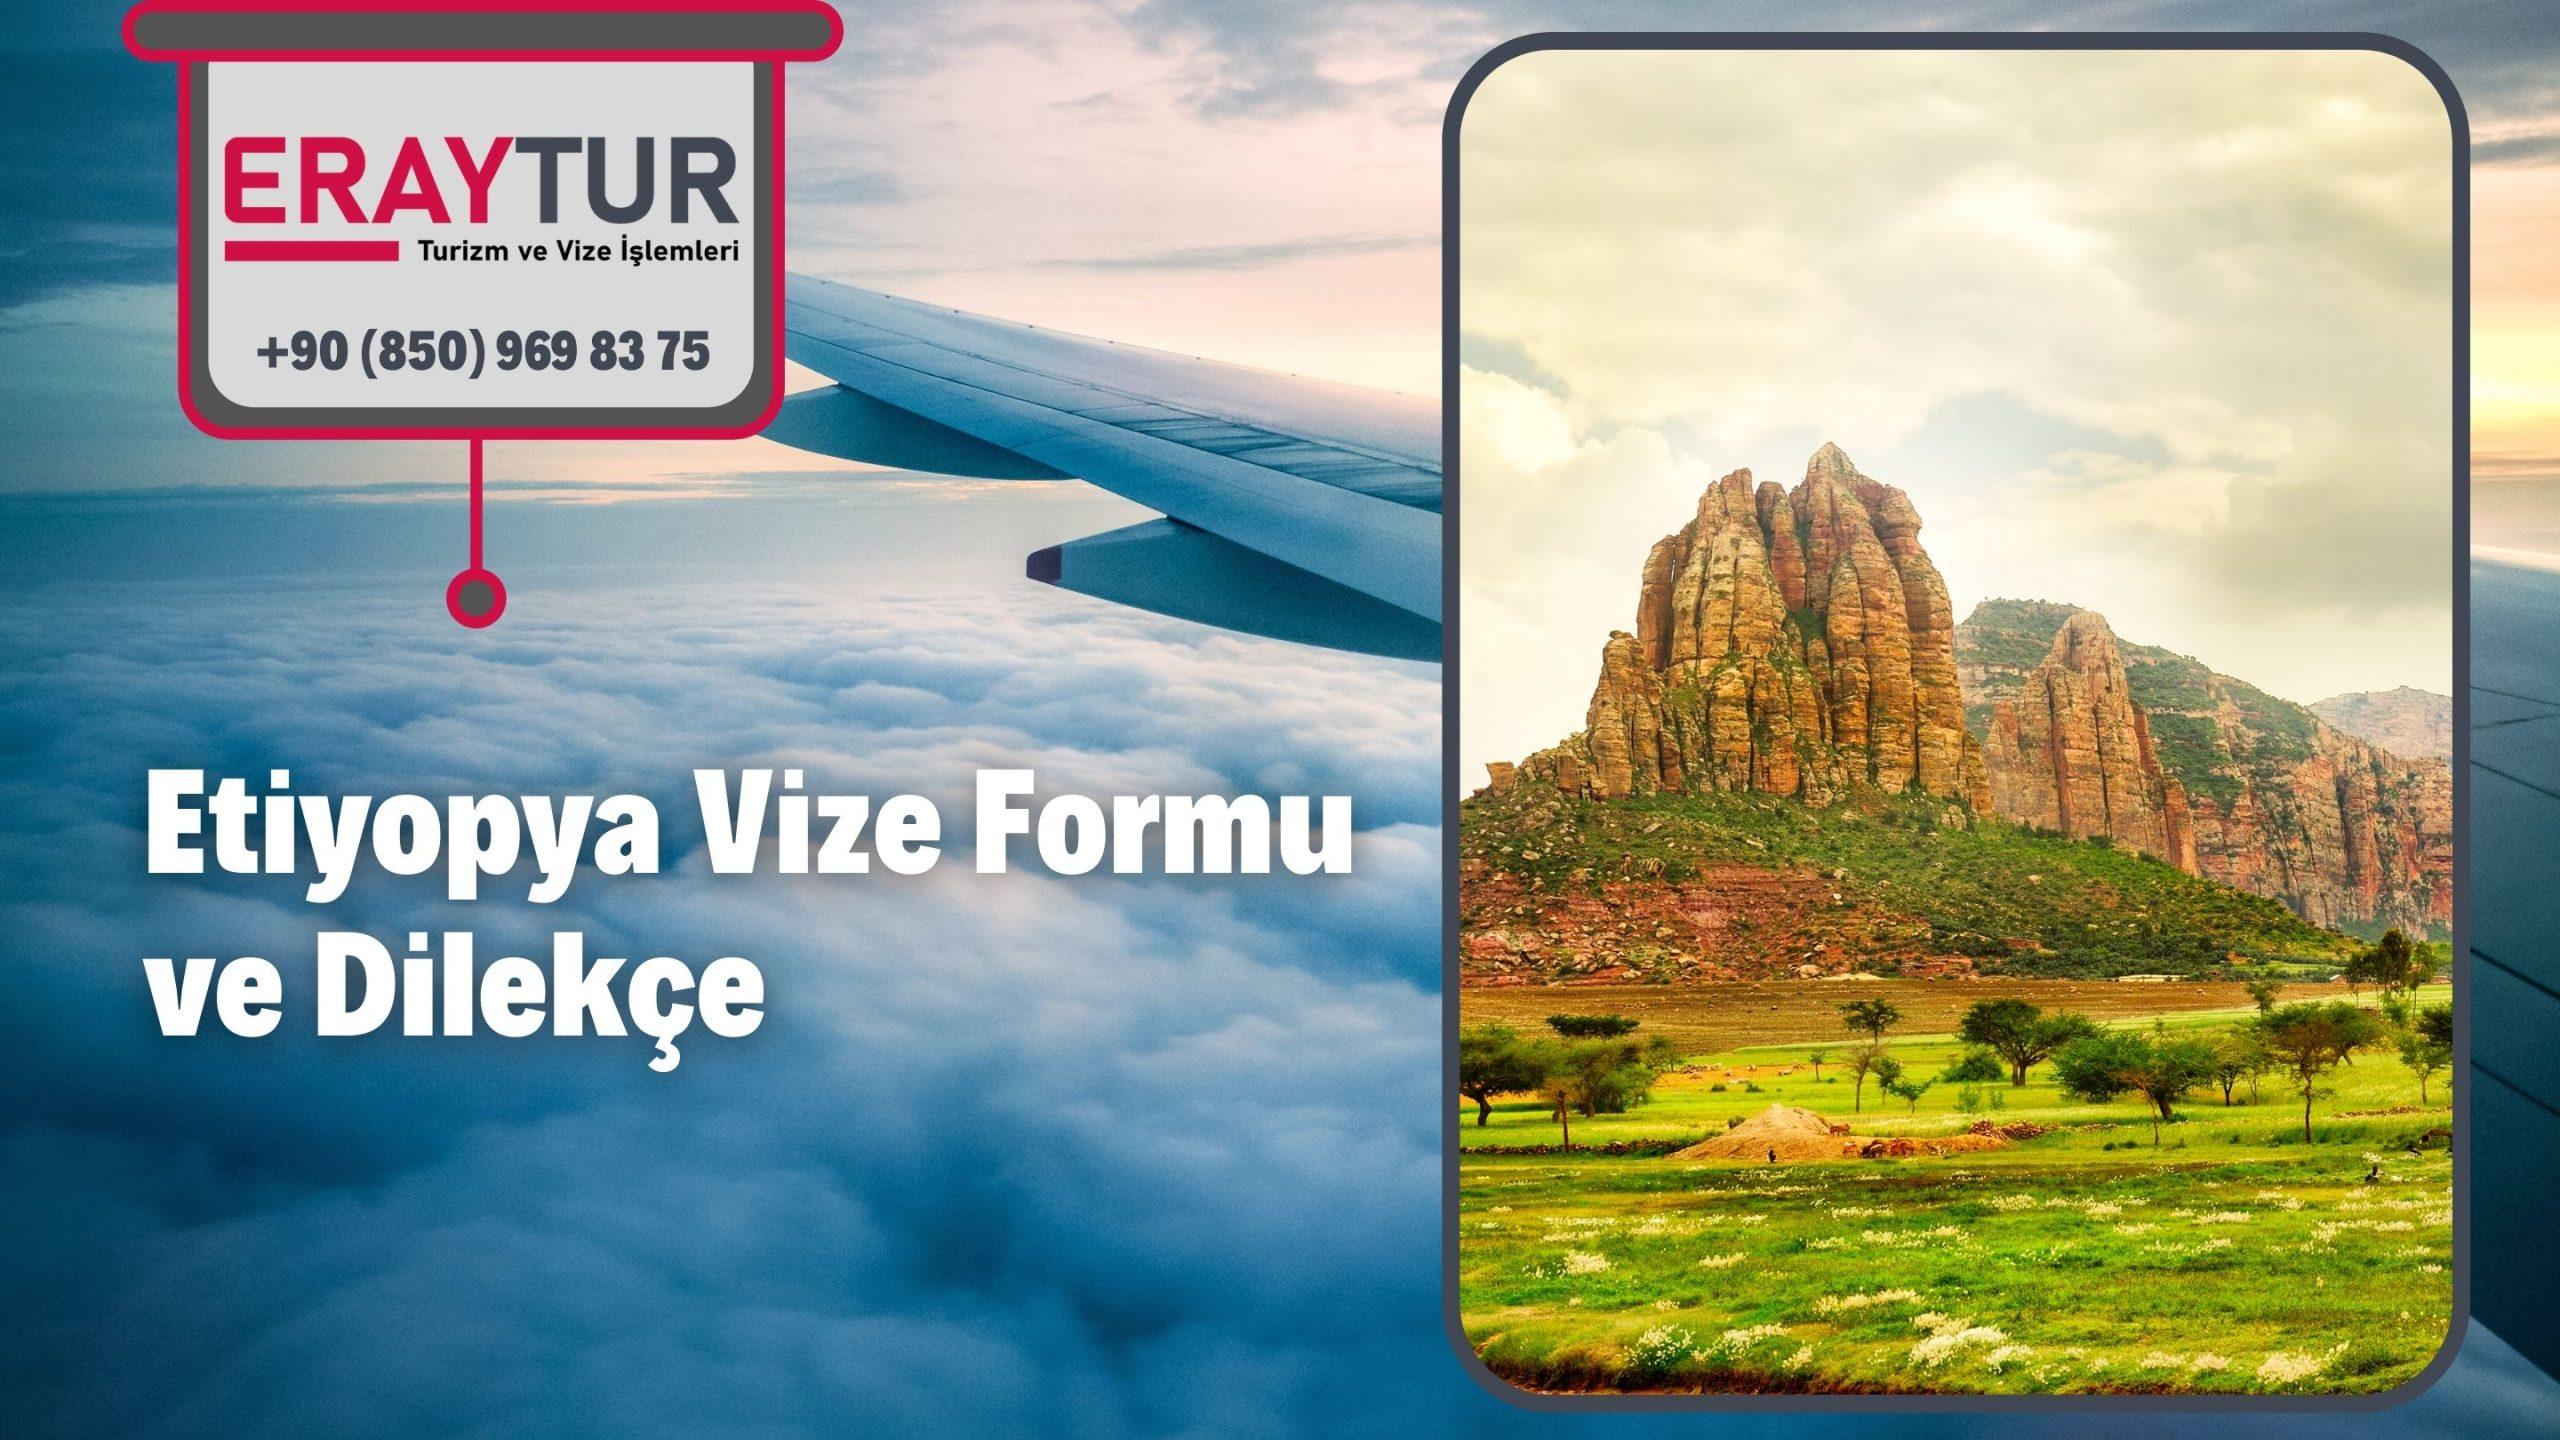 Etiyopya Vize Formu ve Dilekçe 1 – etiyopya vize formu ve dilekce 1 scaled